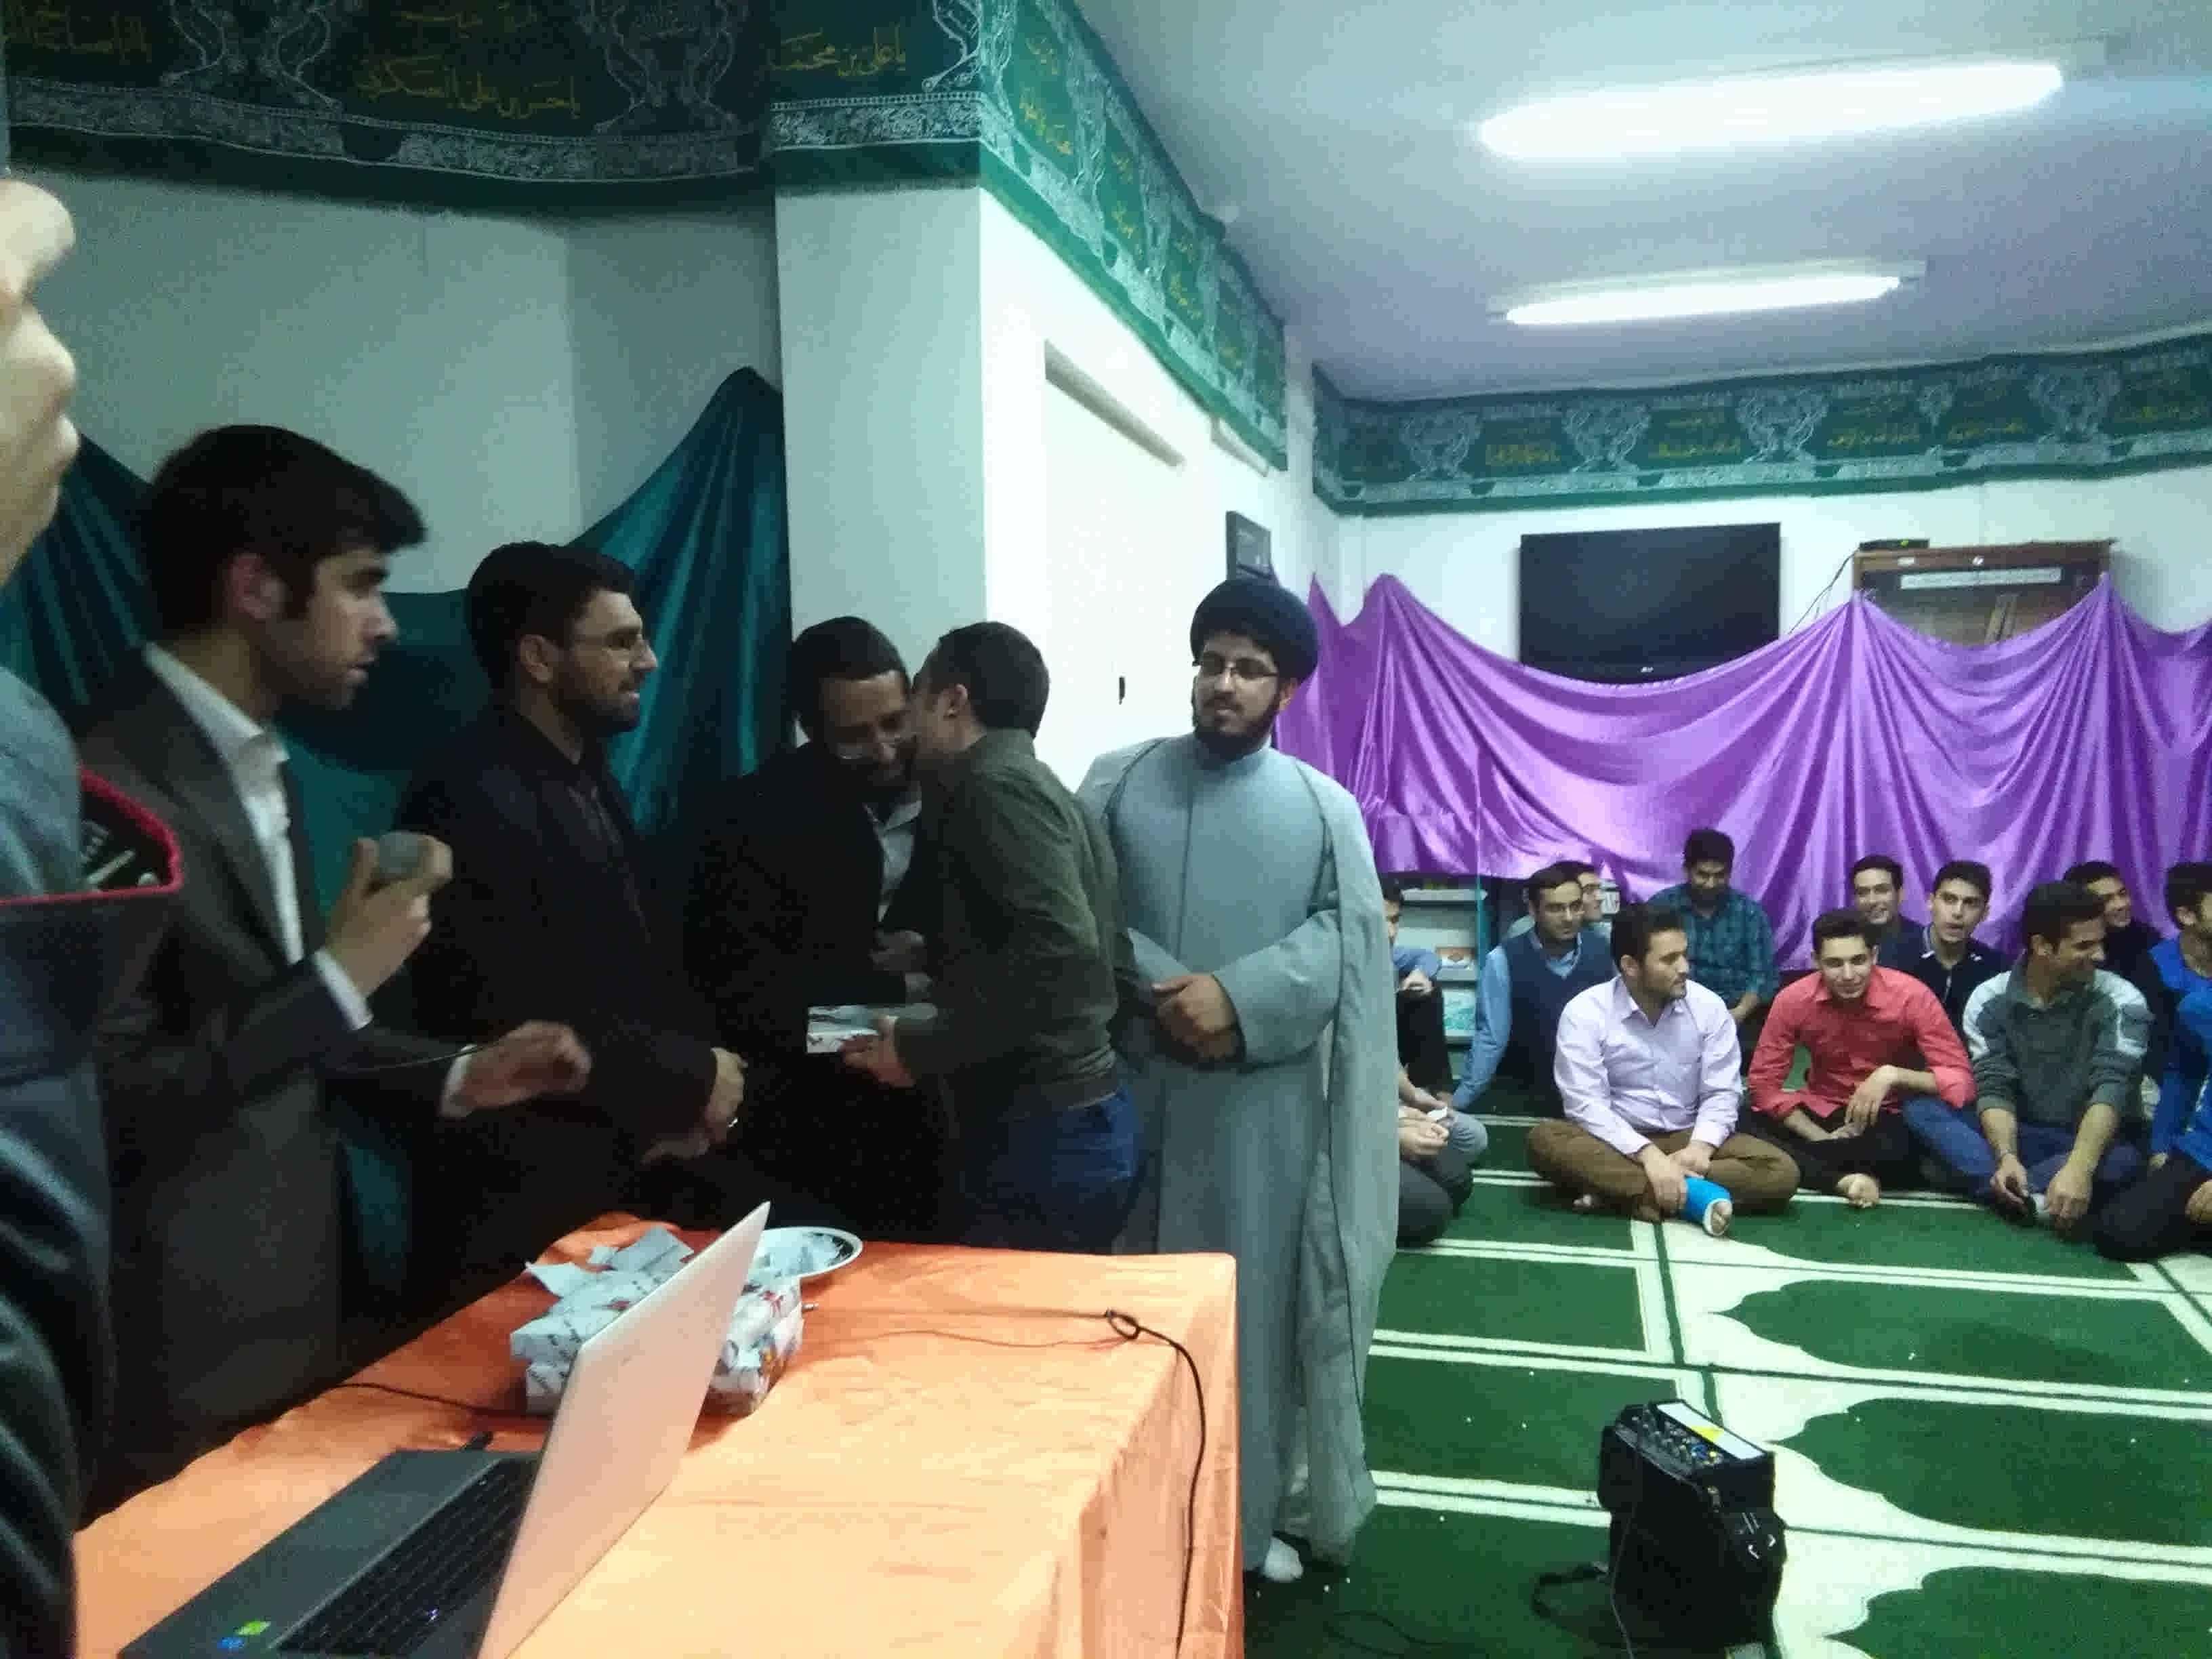 برگزاری جشن میلاد حضرت زینب (س) و روز پرستار در خوابگاه های زینب و فجر